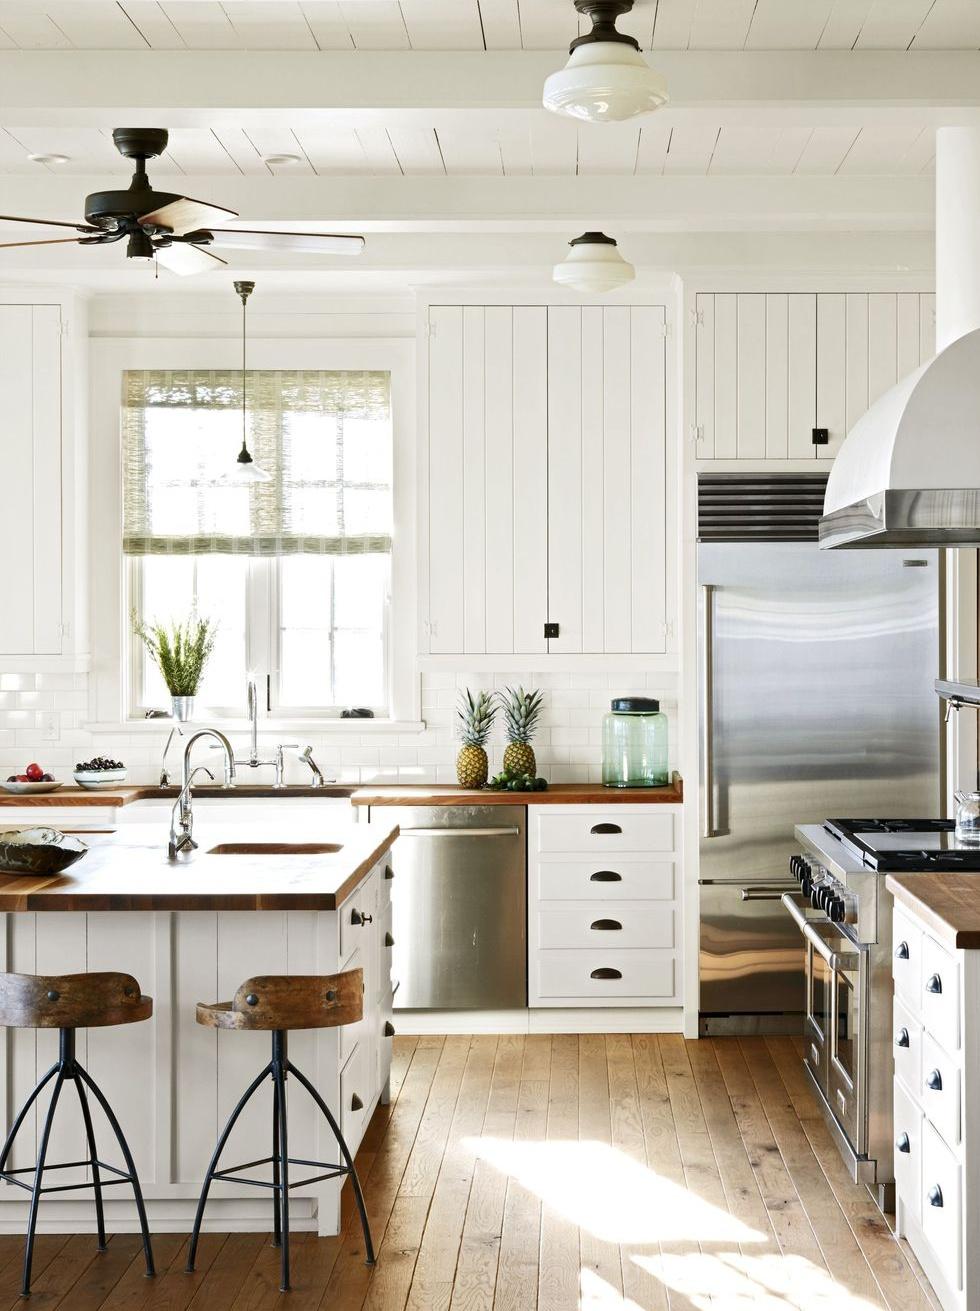 gian bếp sử dụng nội thất gỗ hoàn toàn